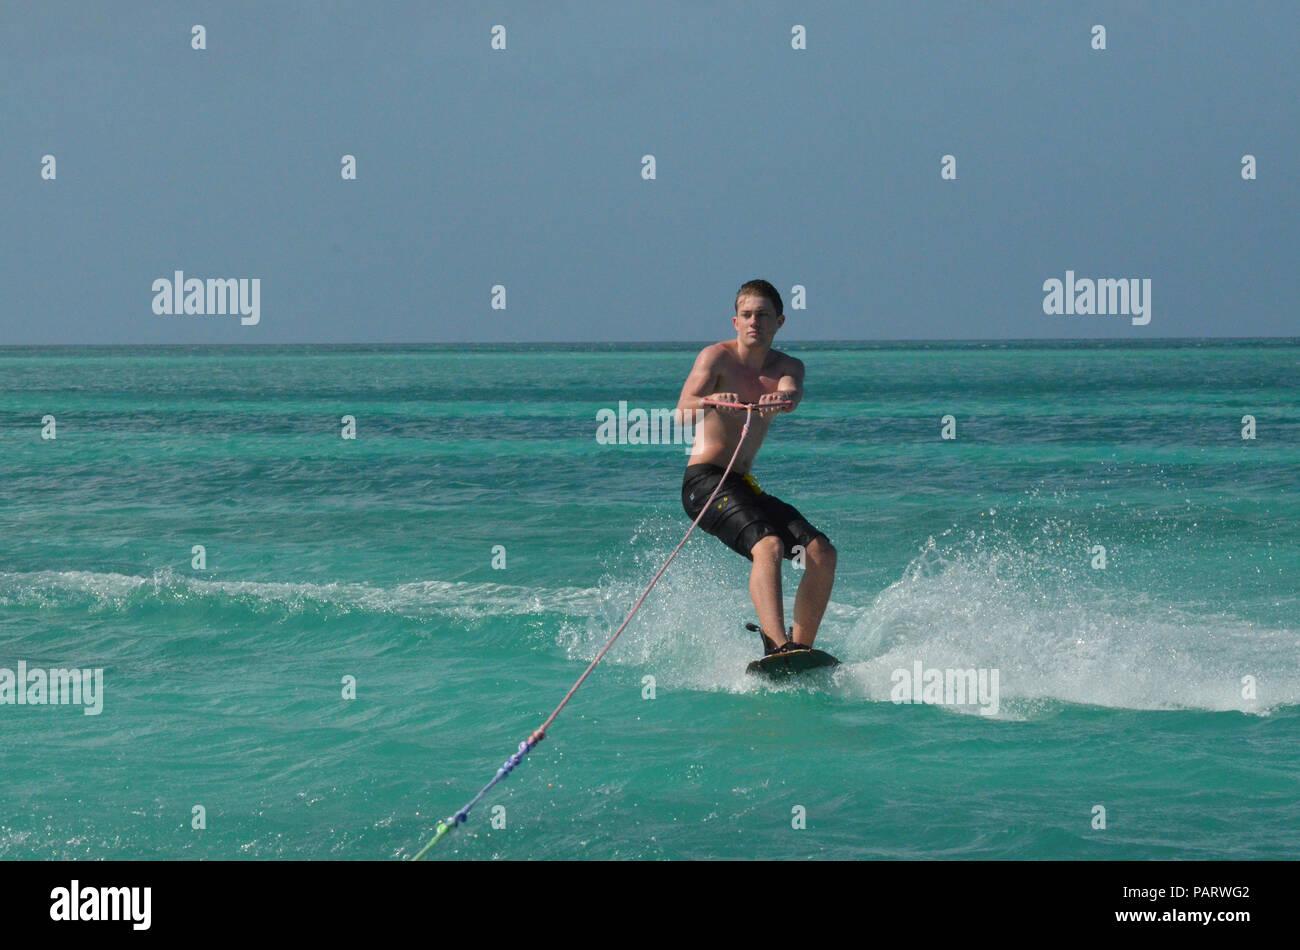 Wakeboarding guy in black swim trunks in Aruba. - Stock Image